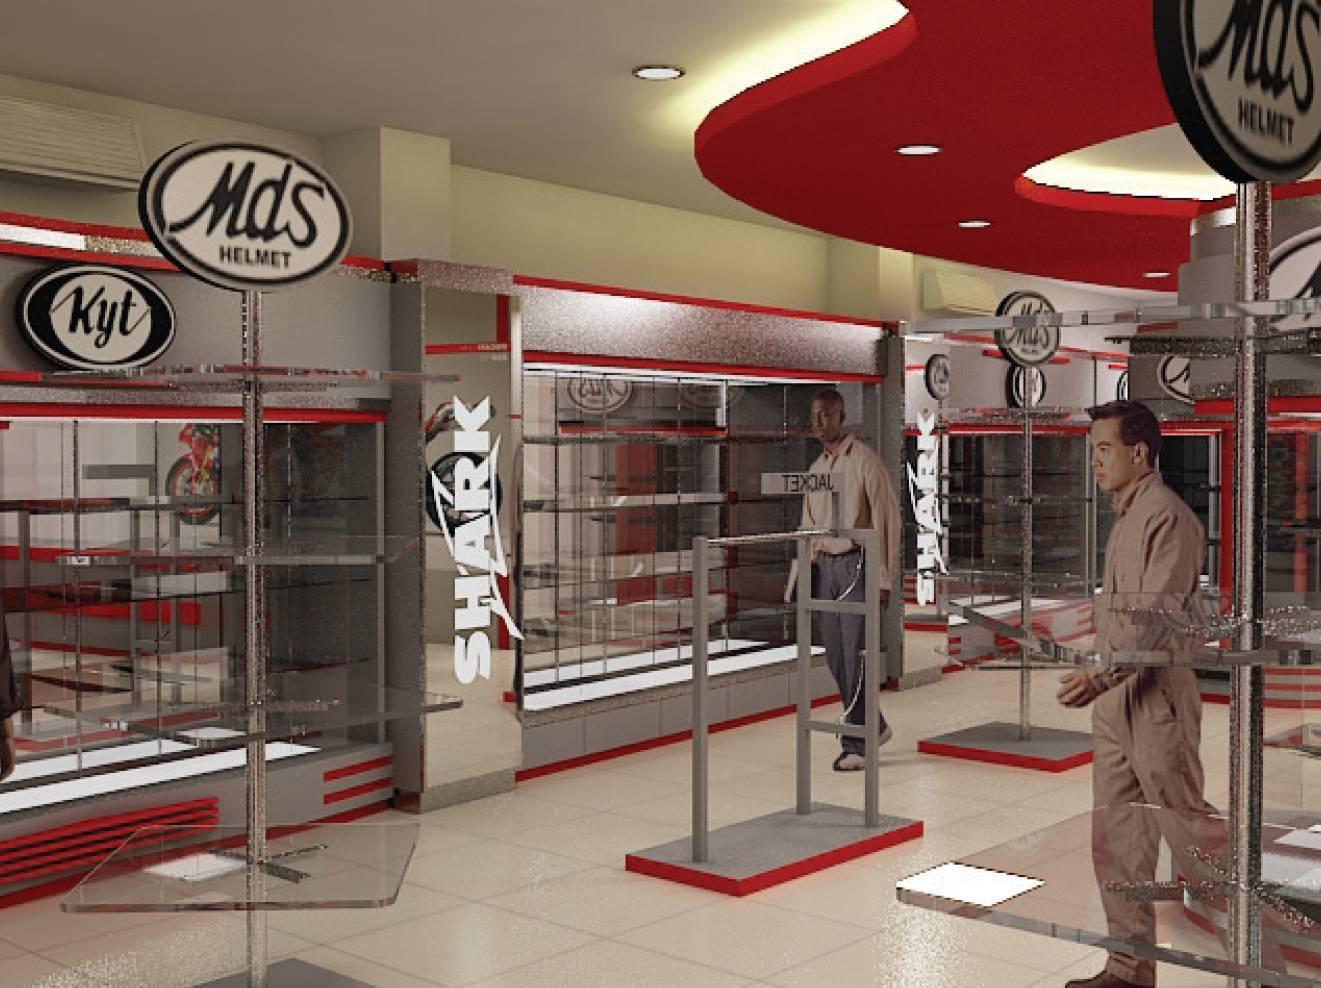 Independent interior design build retail helmet gallery jakarta jakarta ritel gallery modern 1851